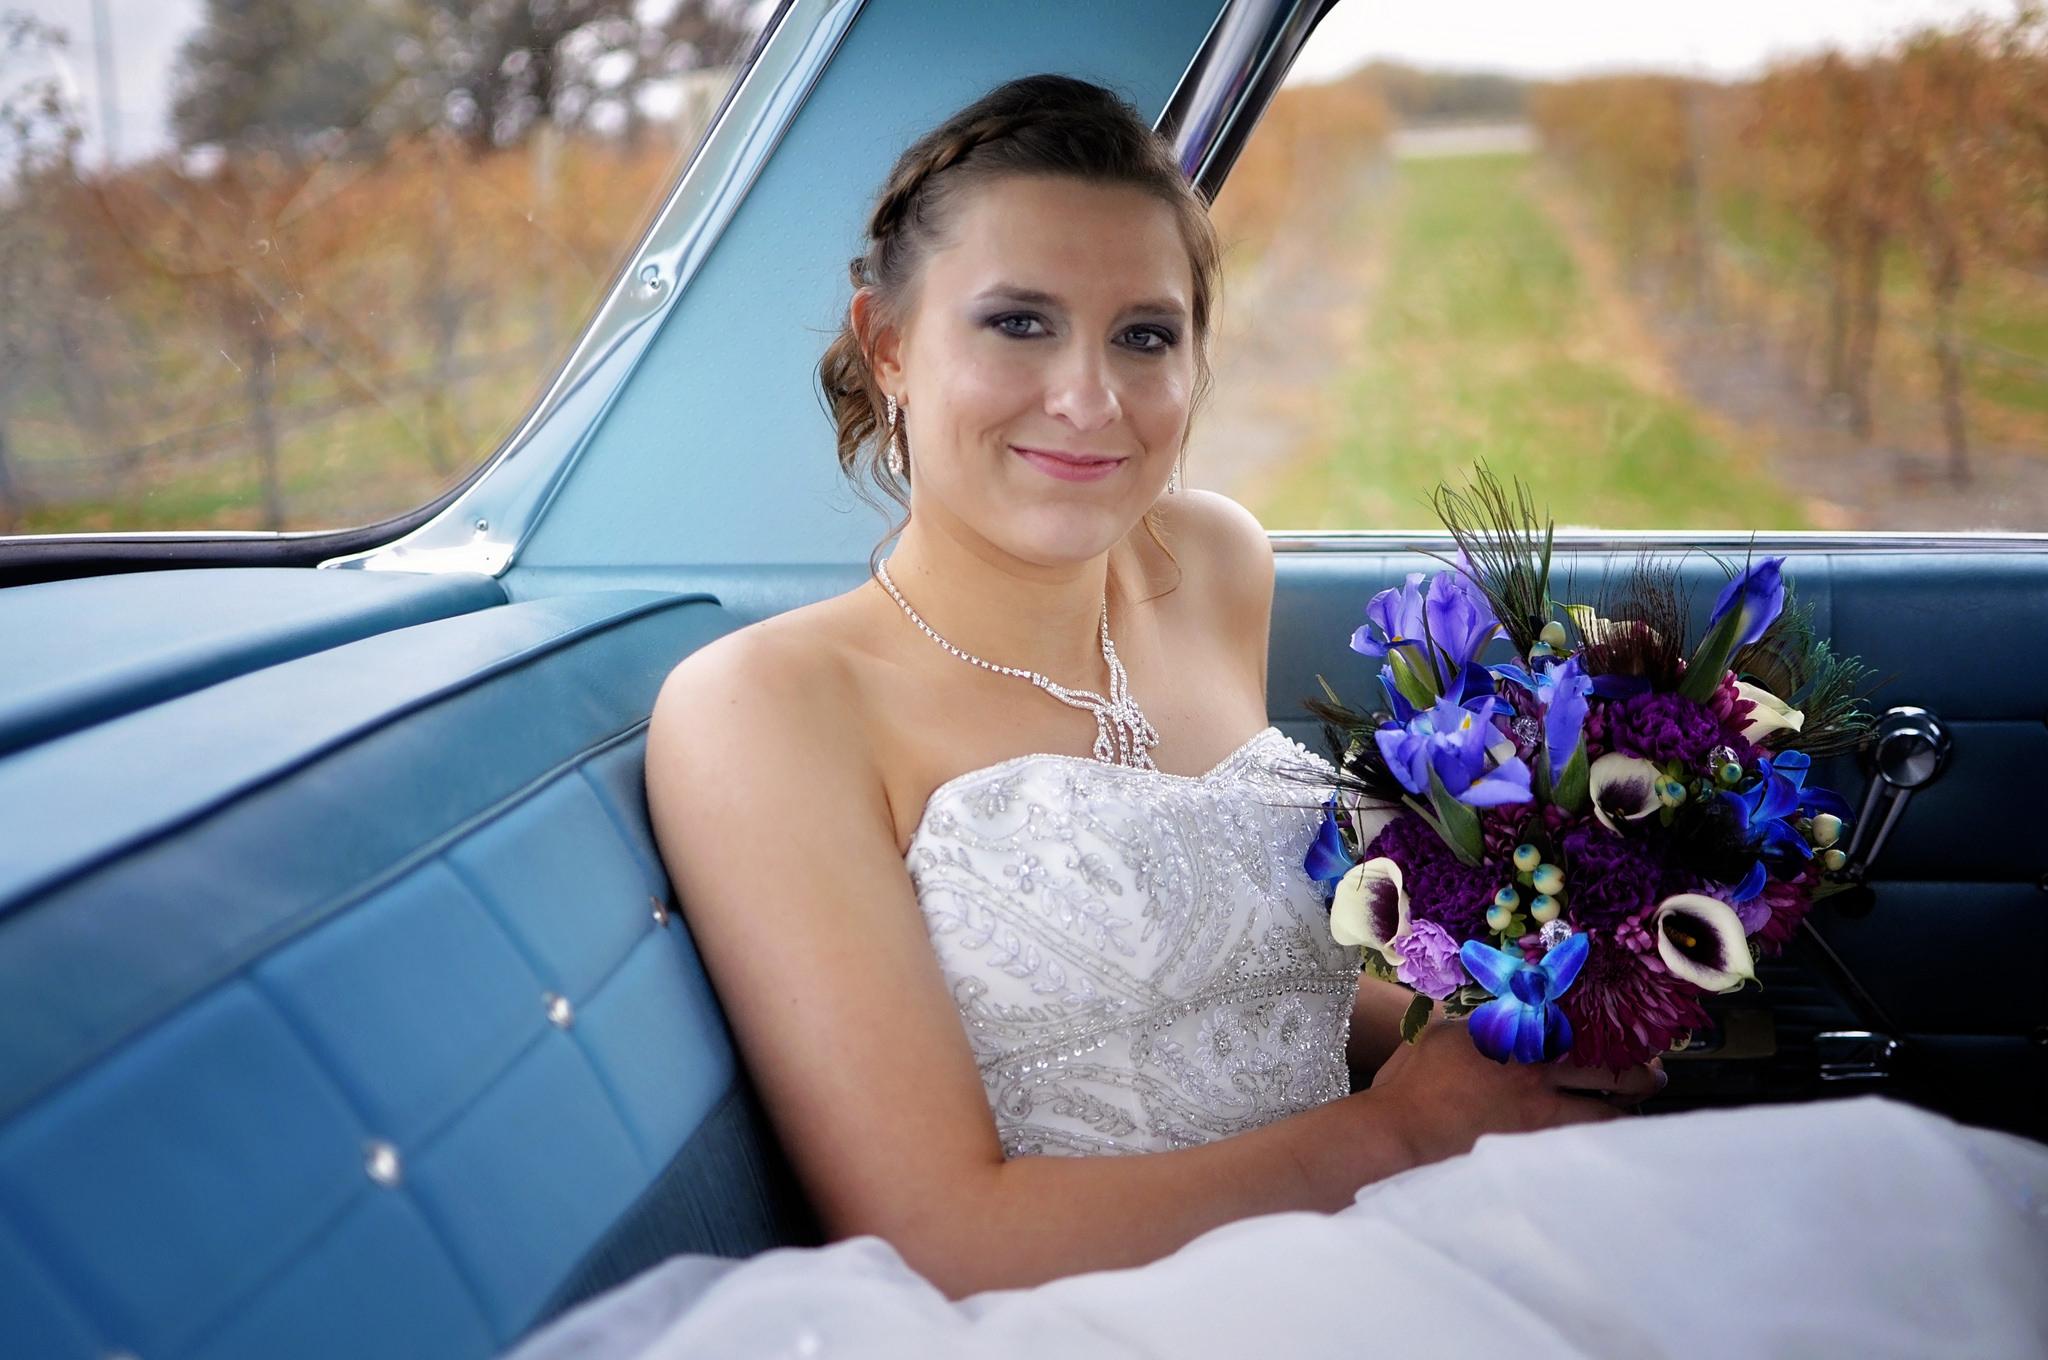 kristine_wedding_brides_spiritedtable_photo04.jpg